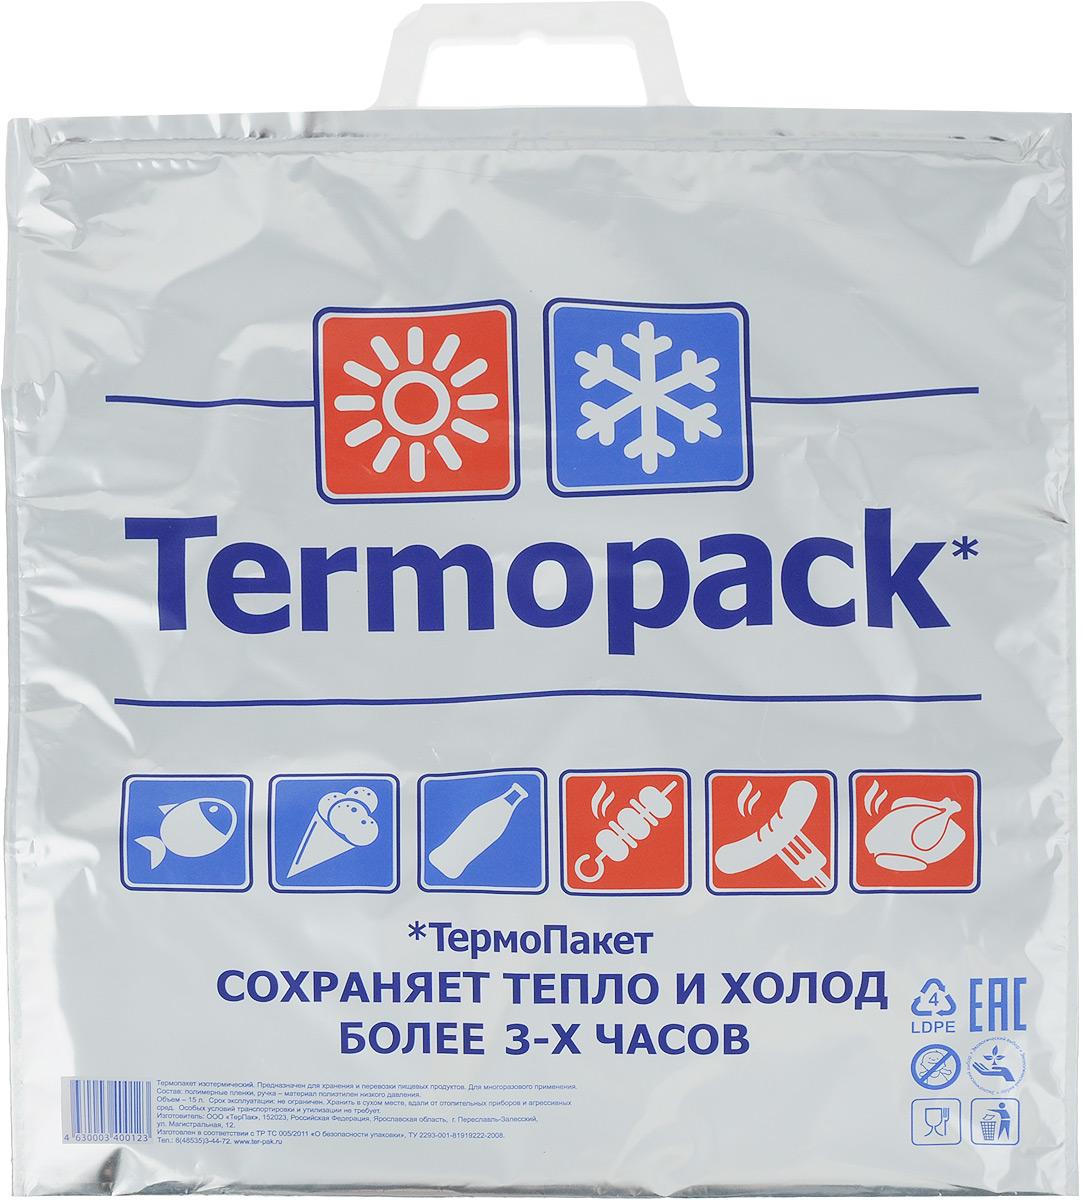 Термопакет ТерПак, цвет: серебристый, 42 х 45 см79 02471Удобный и практичный термопакет ТерПак многоразового использования изнутри покрыт специальным отражающим материалом и создан для того, чтобы как можно дольше сохранить еду свежей. Пакет предназначен для транспортировки и хранения горячих/холодных продуктов. Пакет сохраняет тепло и холод до трех часов. Надежные пластиковые застежки удобны в использовании, позволяют быстро закрыть пакет и не дадут ему случайно открыться.Размер: 41 см х 45 см. Объем: 15 л.